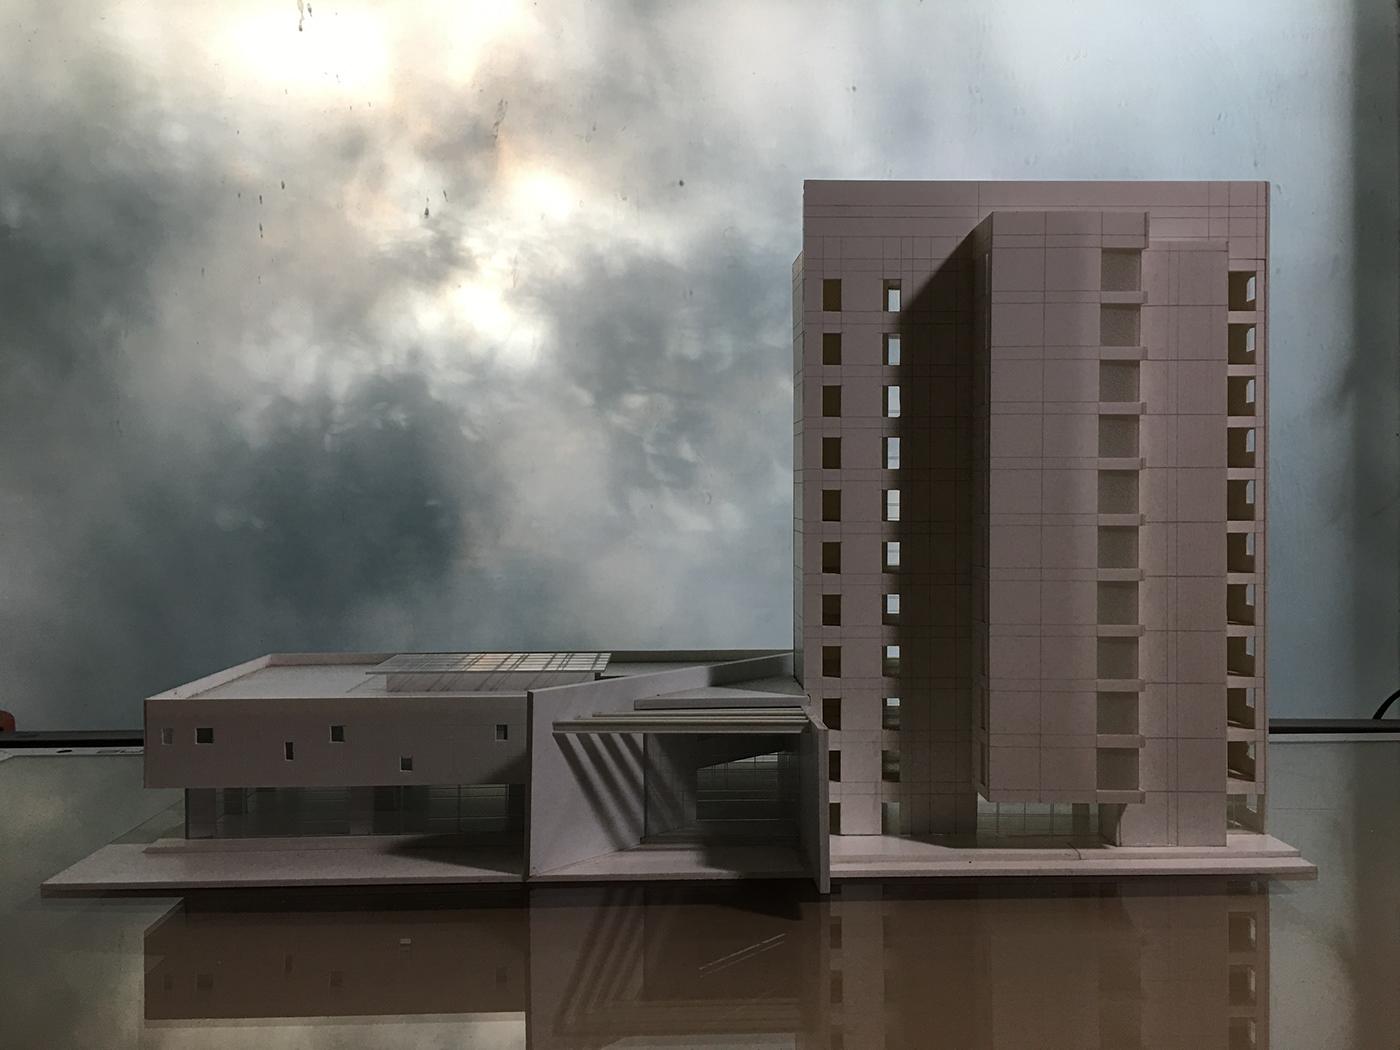 maquette Modellbau architectural model